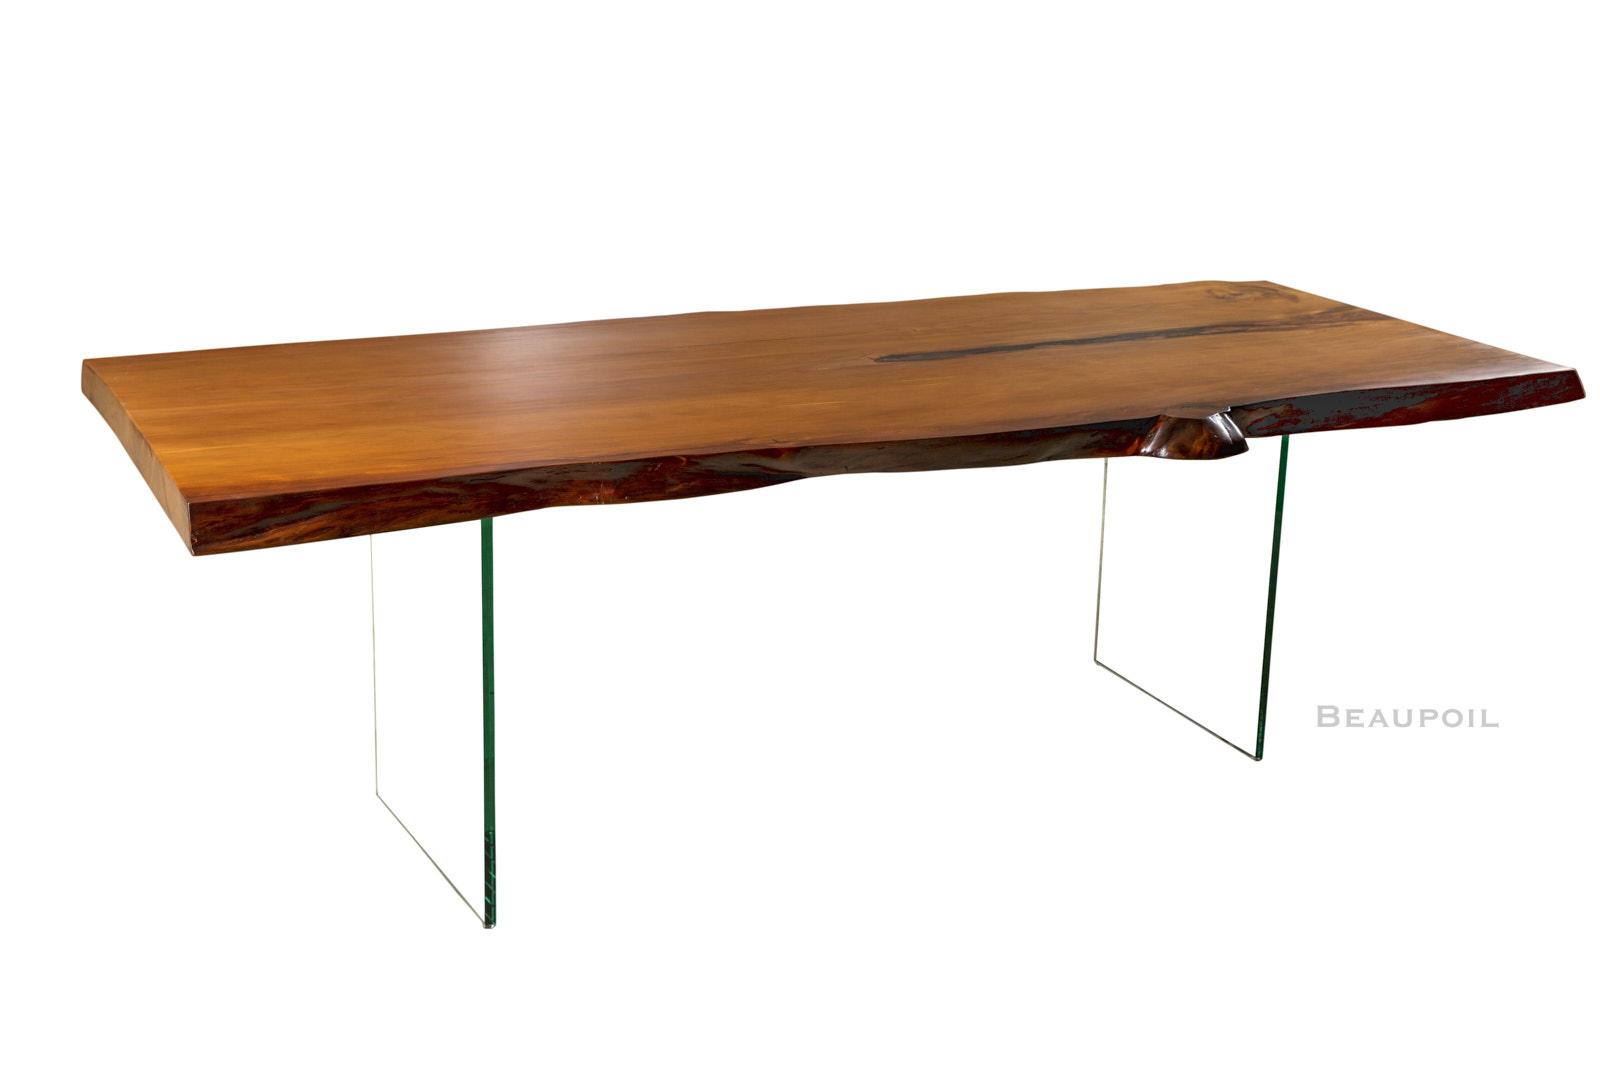 Moderner Kauri Holztisch mit Glasfüßen hier ein ausgefallener Esstisch mit massiver Natur Tischplatte